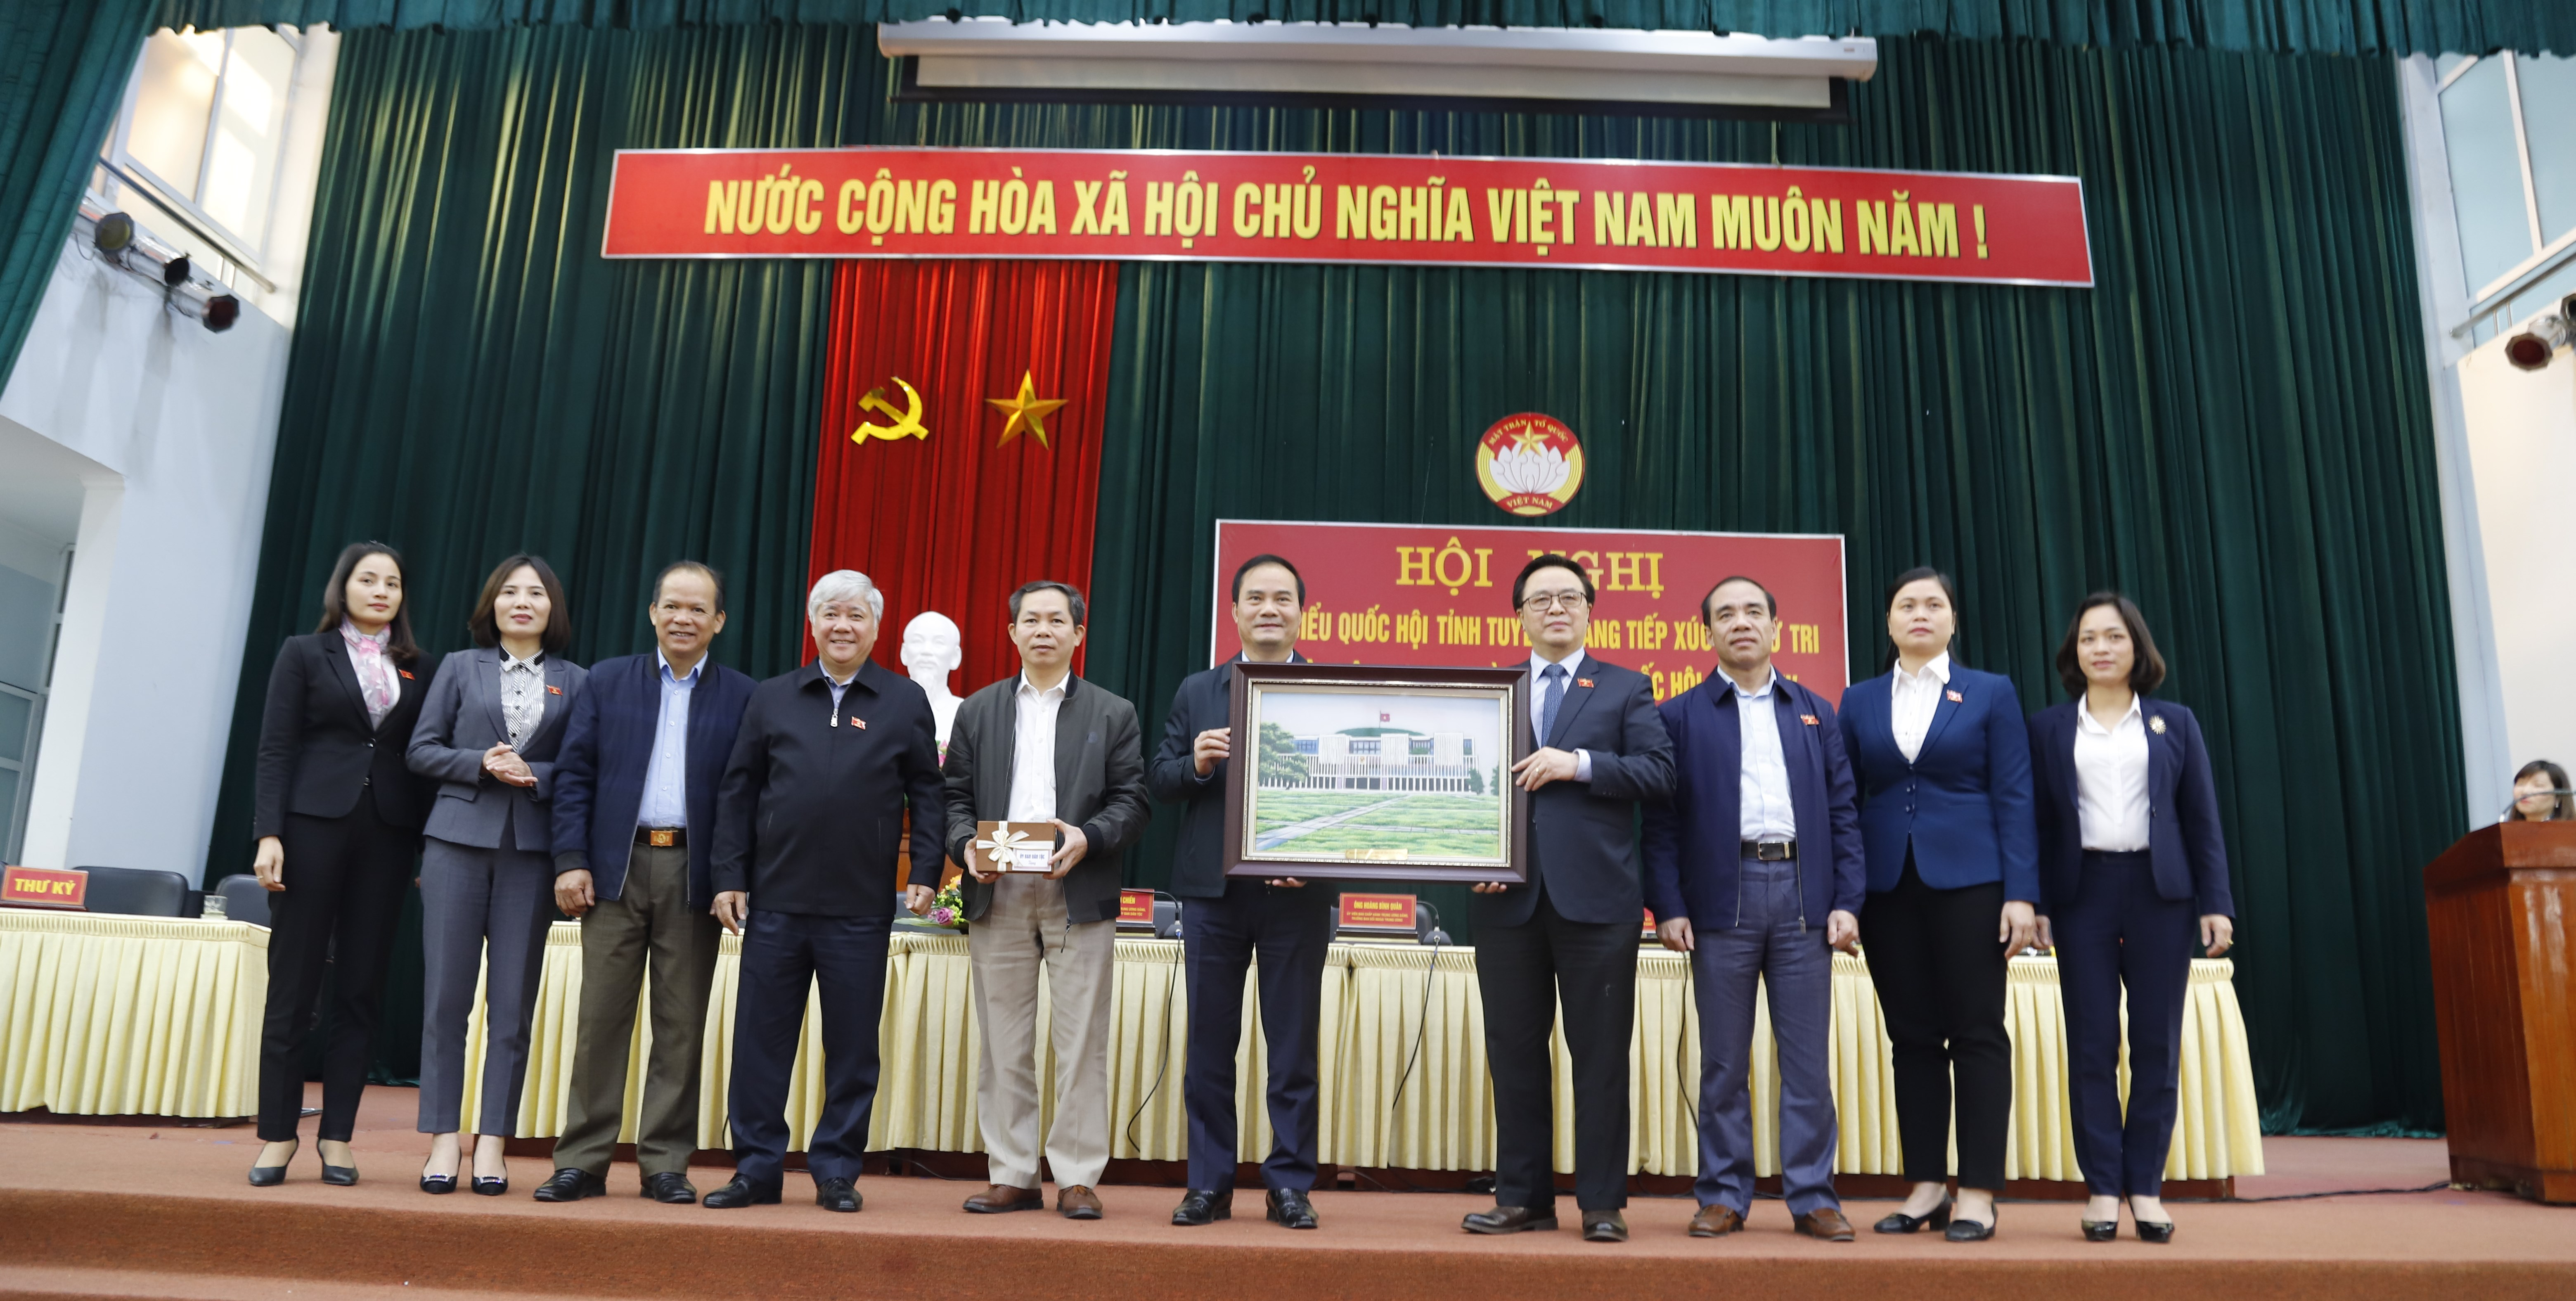 Đoàn ĐBQH tỉnh Tuyên Quang tặng bức tranh và UBDT tặng 30 triệu đồng cho quỹ khuyến học huyện Yên Sơn.